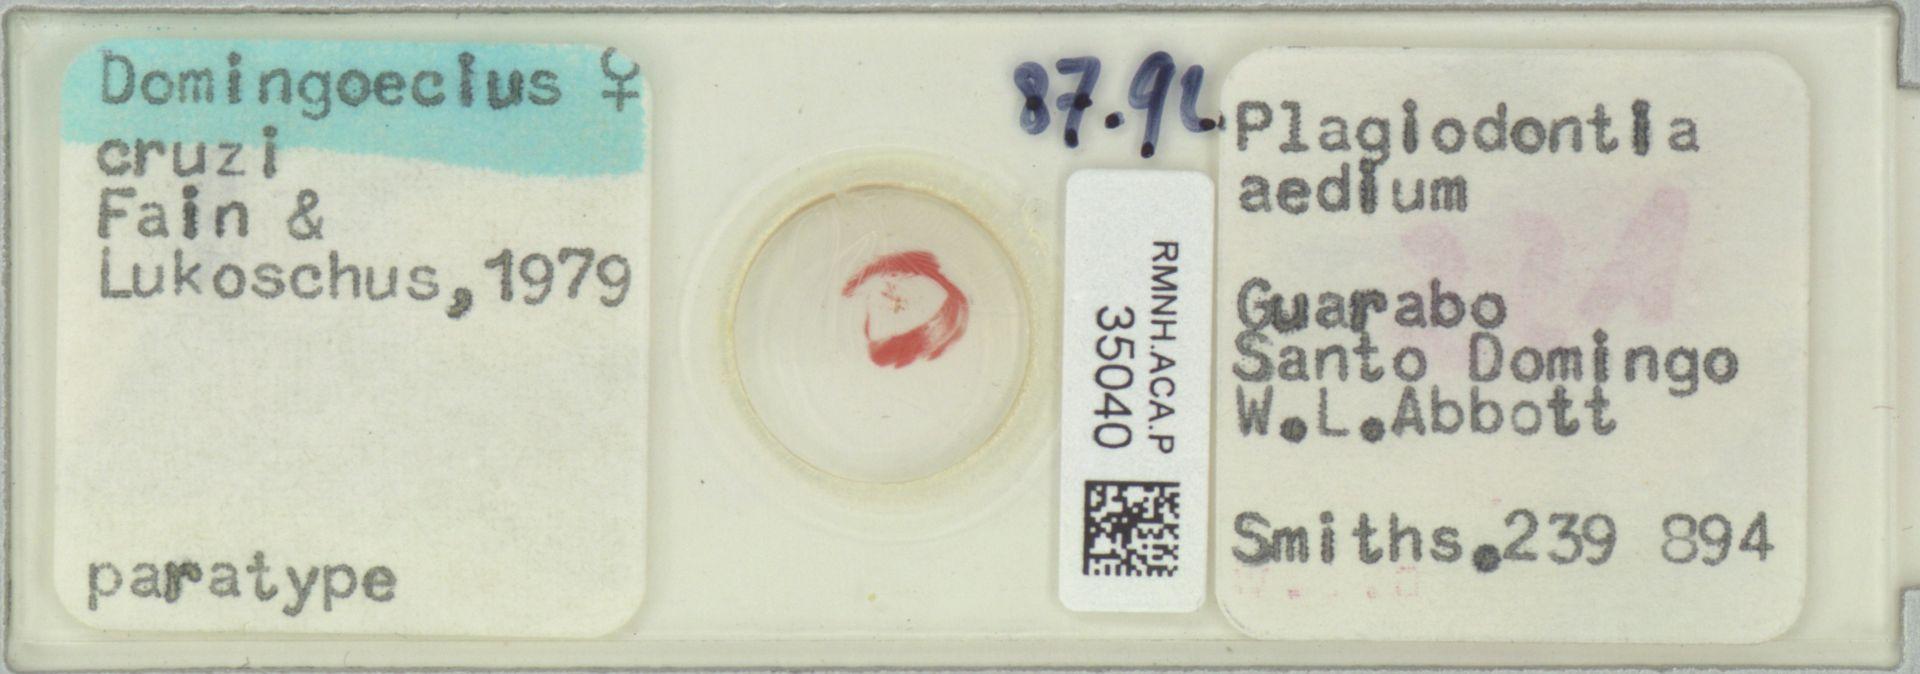 RMNH.ACA.P.35040   Domingoecius cruzi Fain, Lukoschus 1979